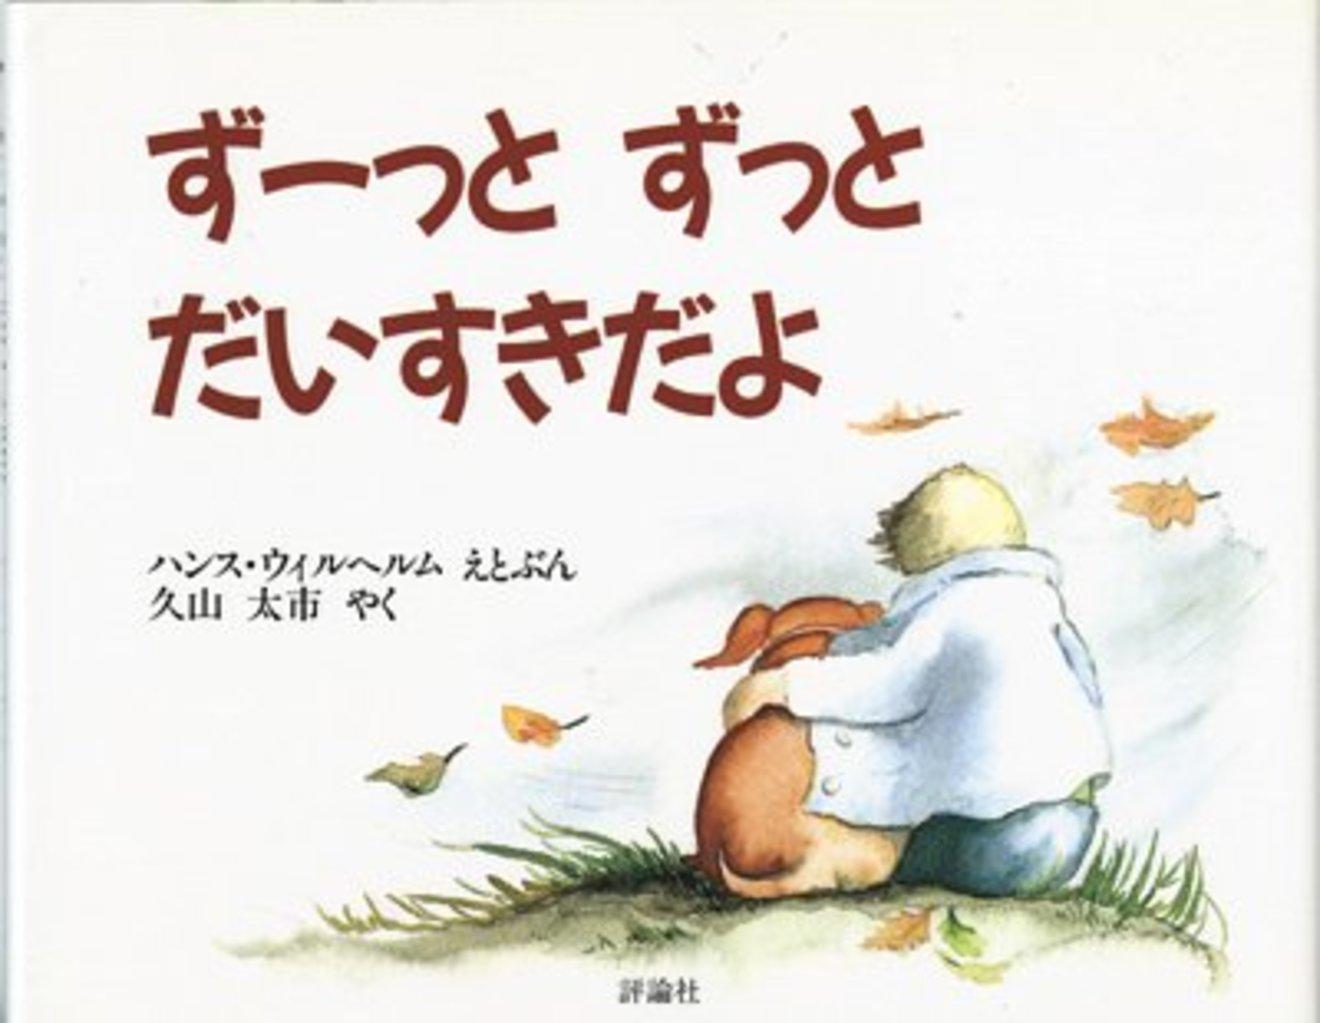 7歳の子に読み聞かせしたい、おすすめの絵本10選!